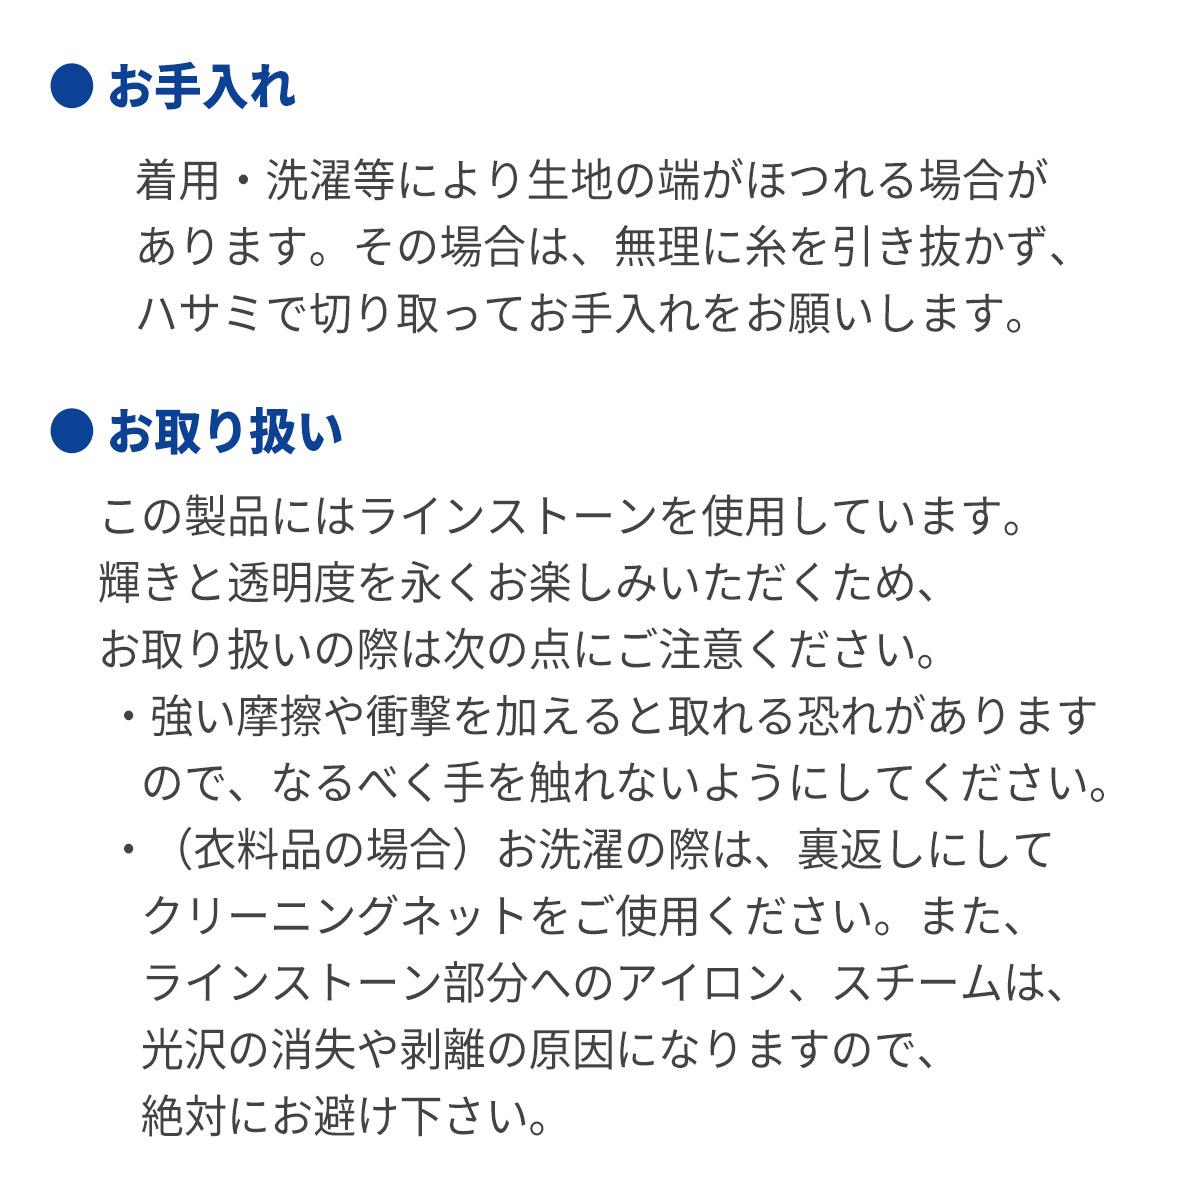 mikihouseミキハウス 女の子用フォーマルカバーオール 70cm・80cmHIYD2WE9